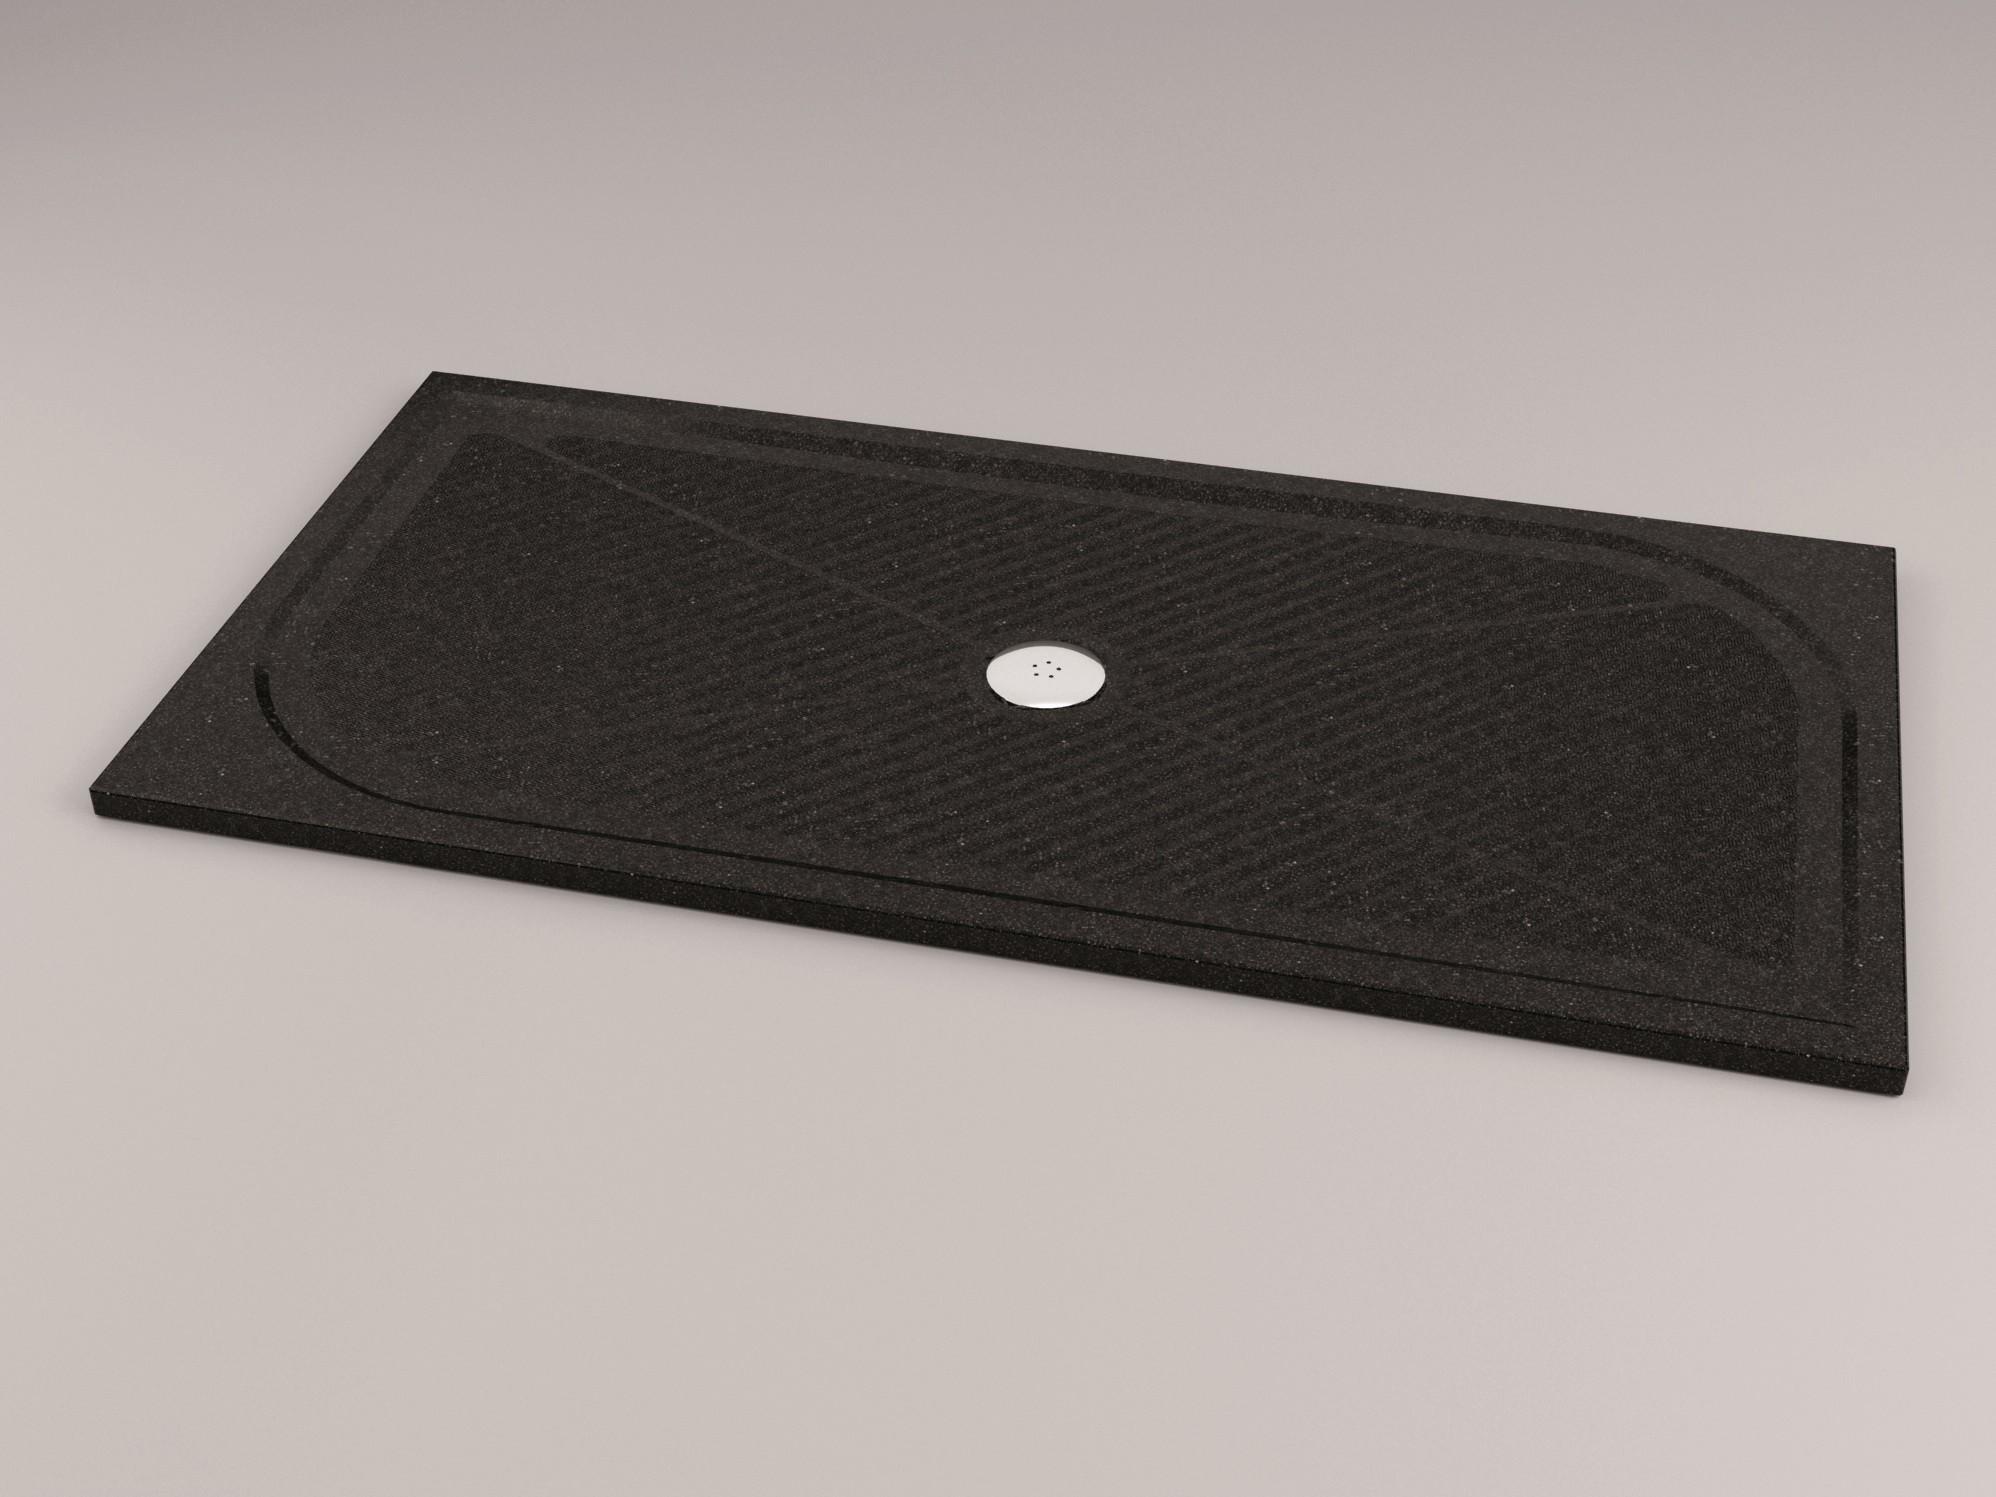 mineralguss duschwanne 90 x 70 x 1 5 cm duschwanne duschtasse rechteck rechteckduschwanne 90. Black Bedroom Furniture Sets. Home Design Ideas